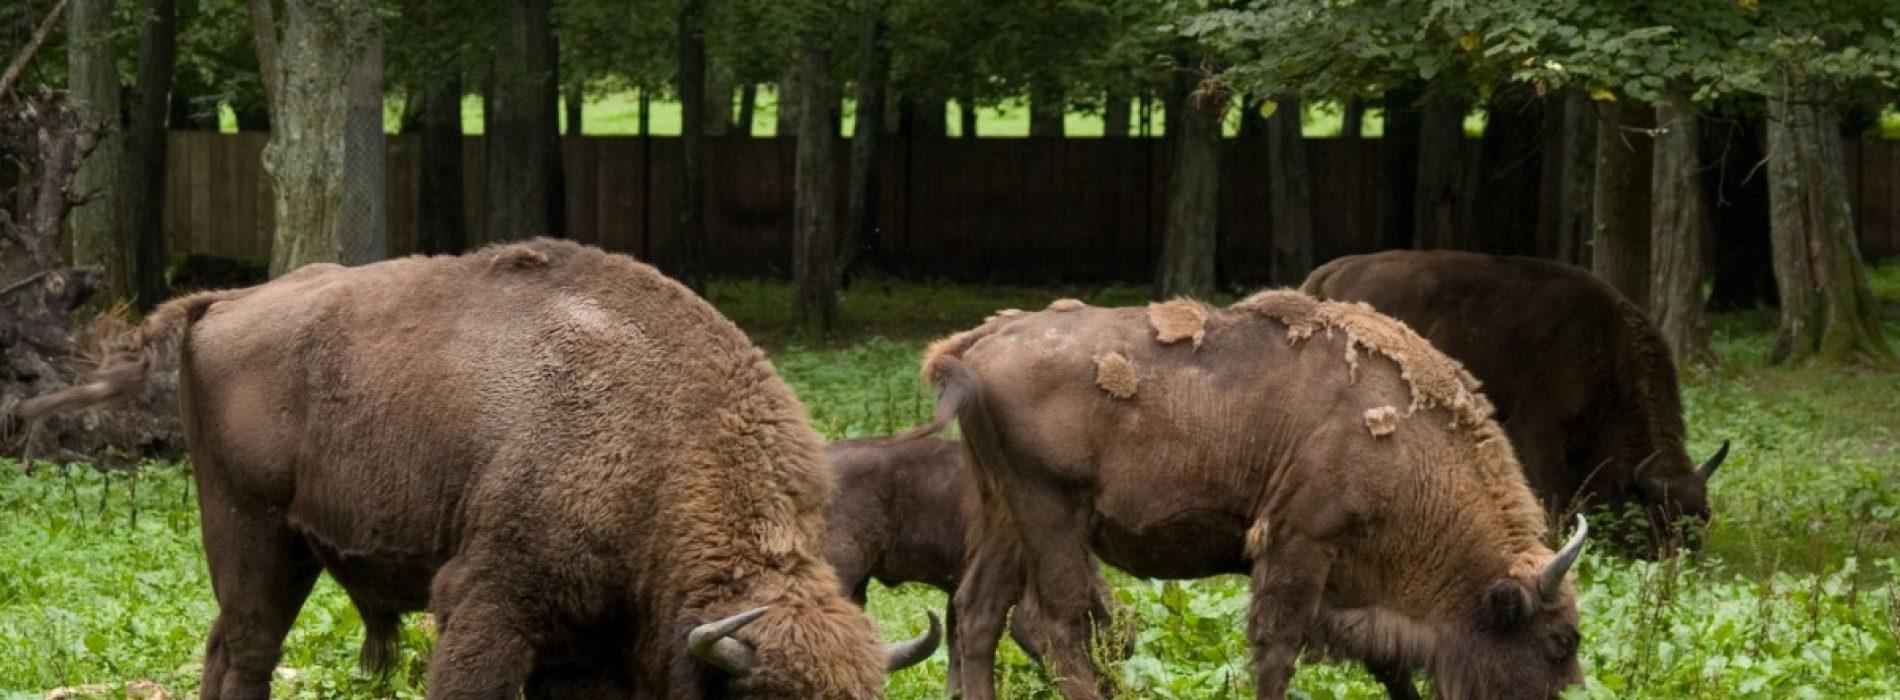 Munții Făgăraș devin «acasă»pentru zimbri. Primii au ajuns deja în țară